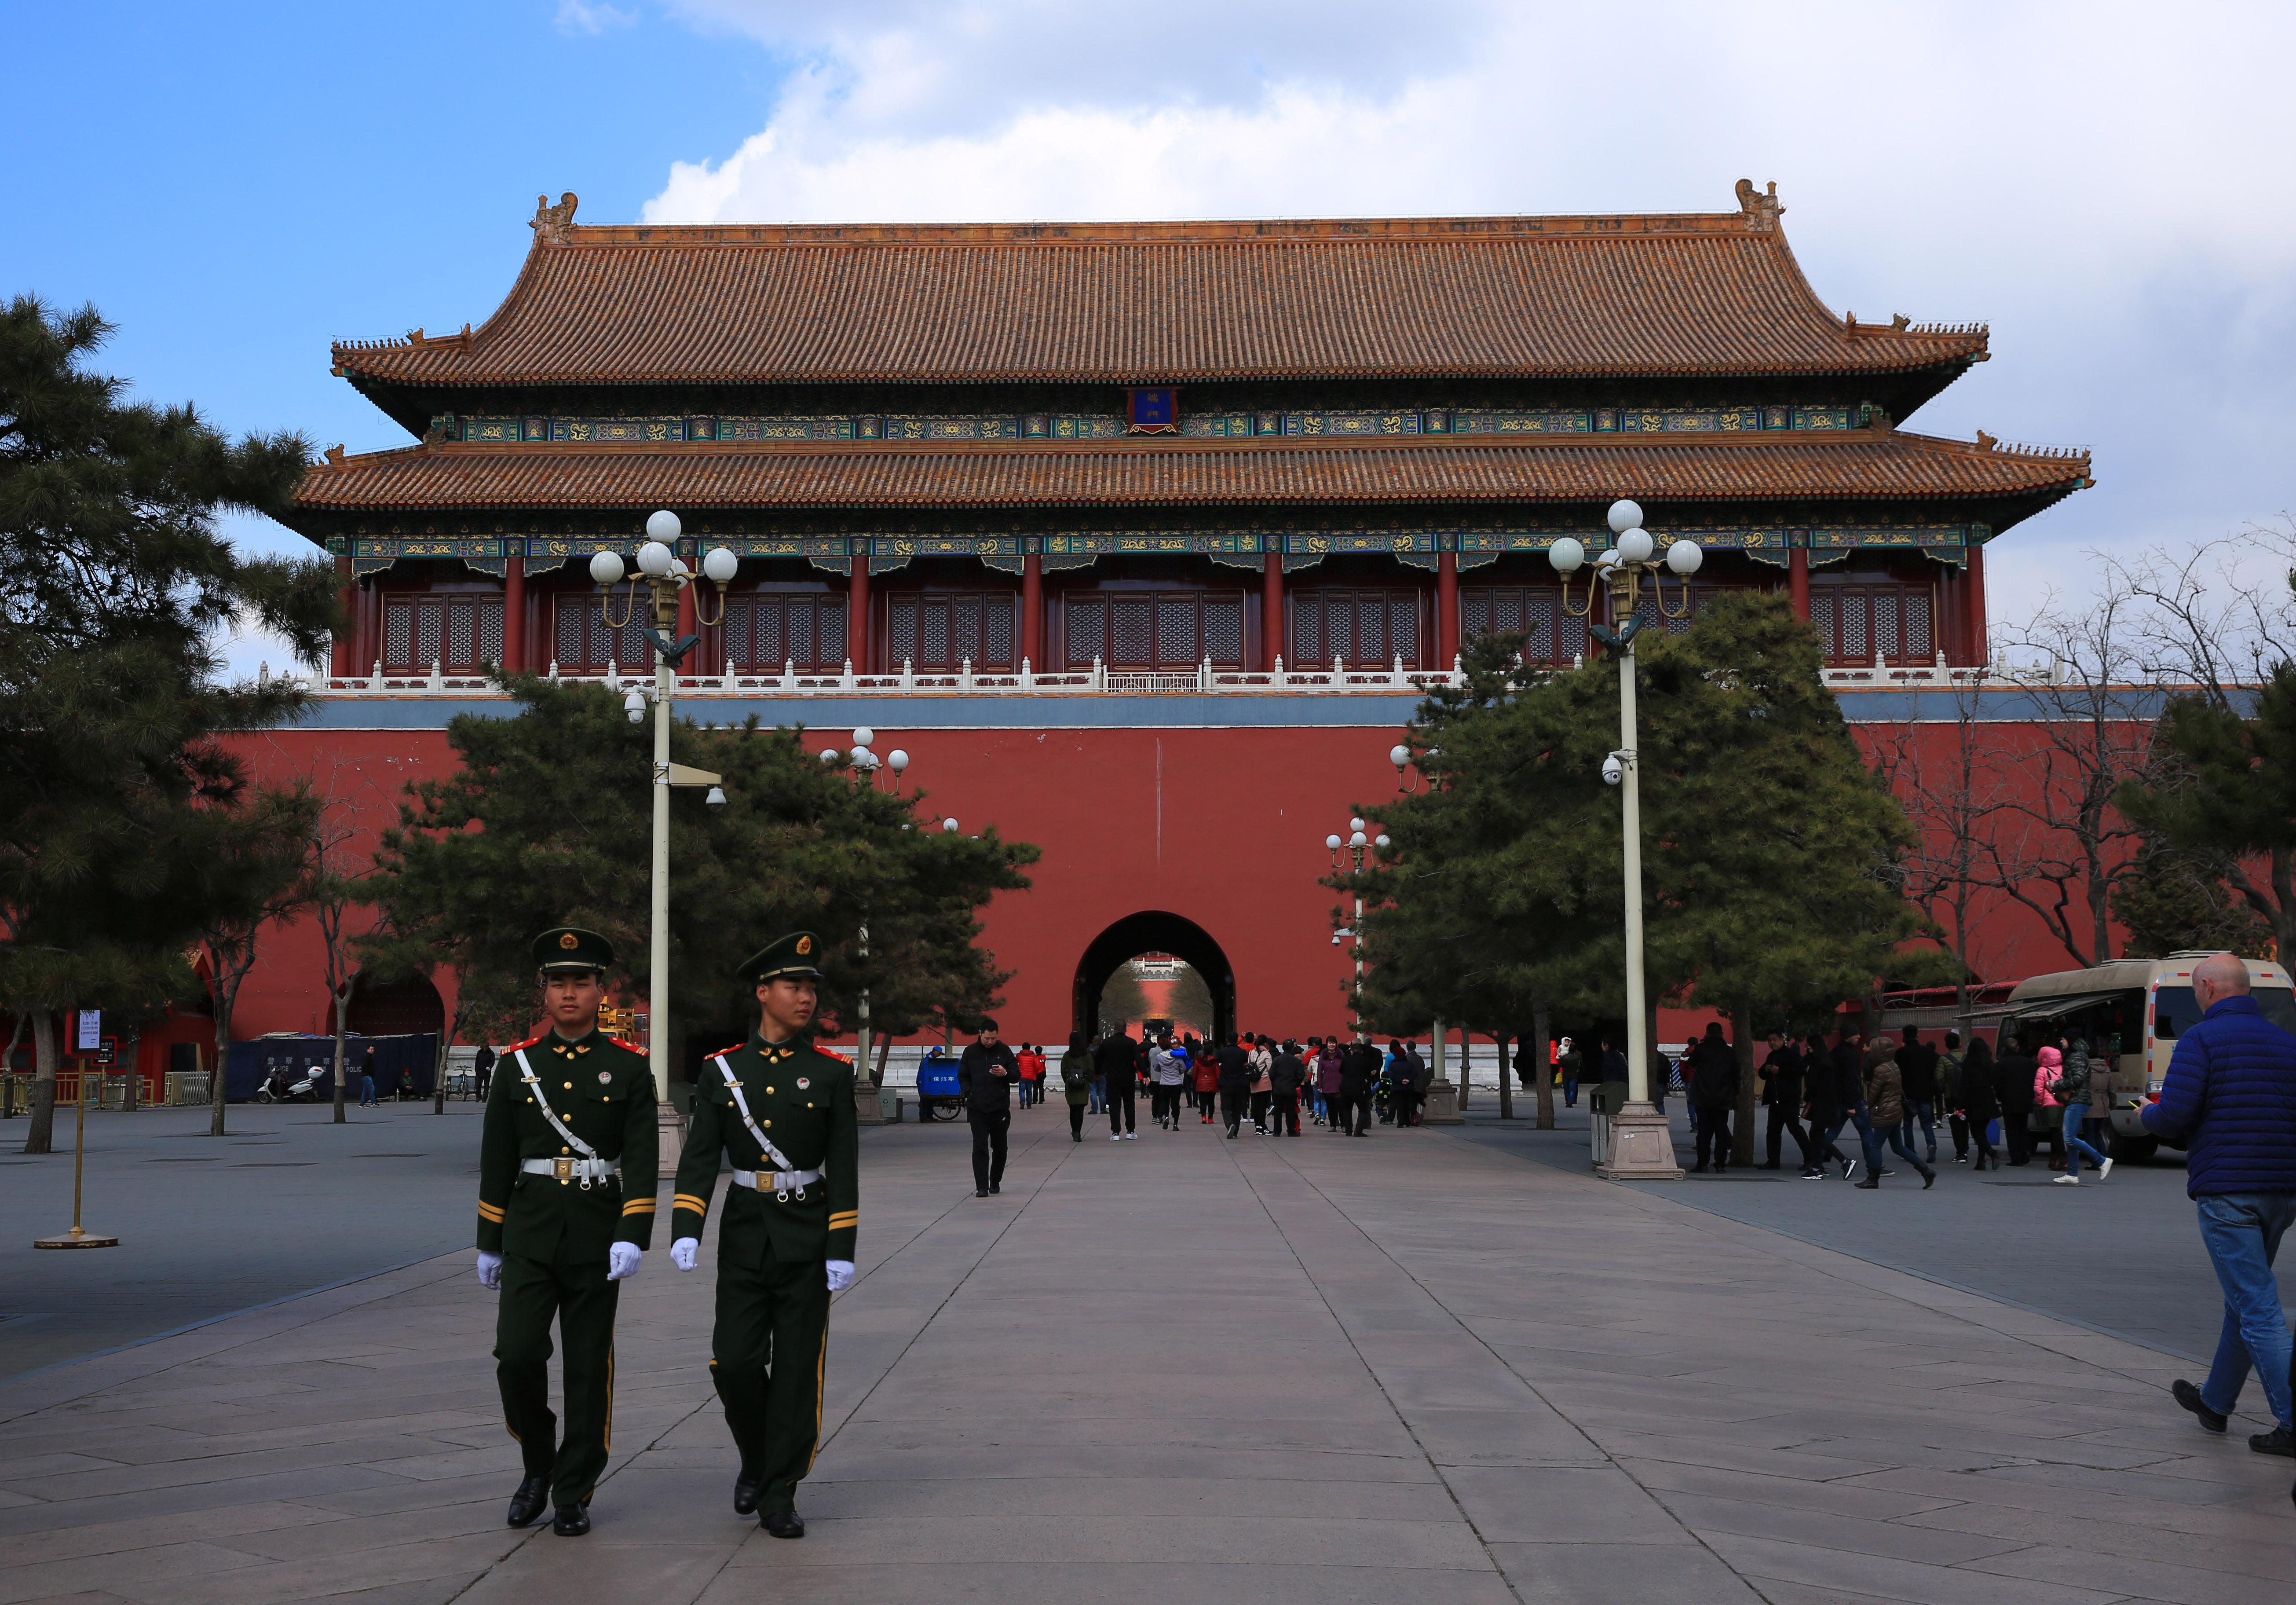 从南到北逐一欣赏故宫中轴线上金碧辉煌的建筑